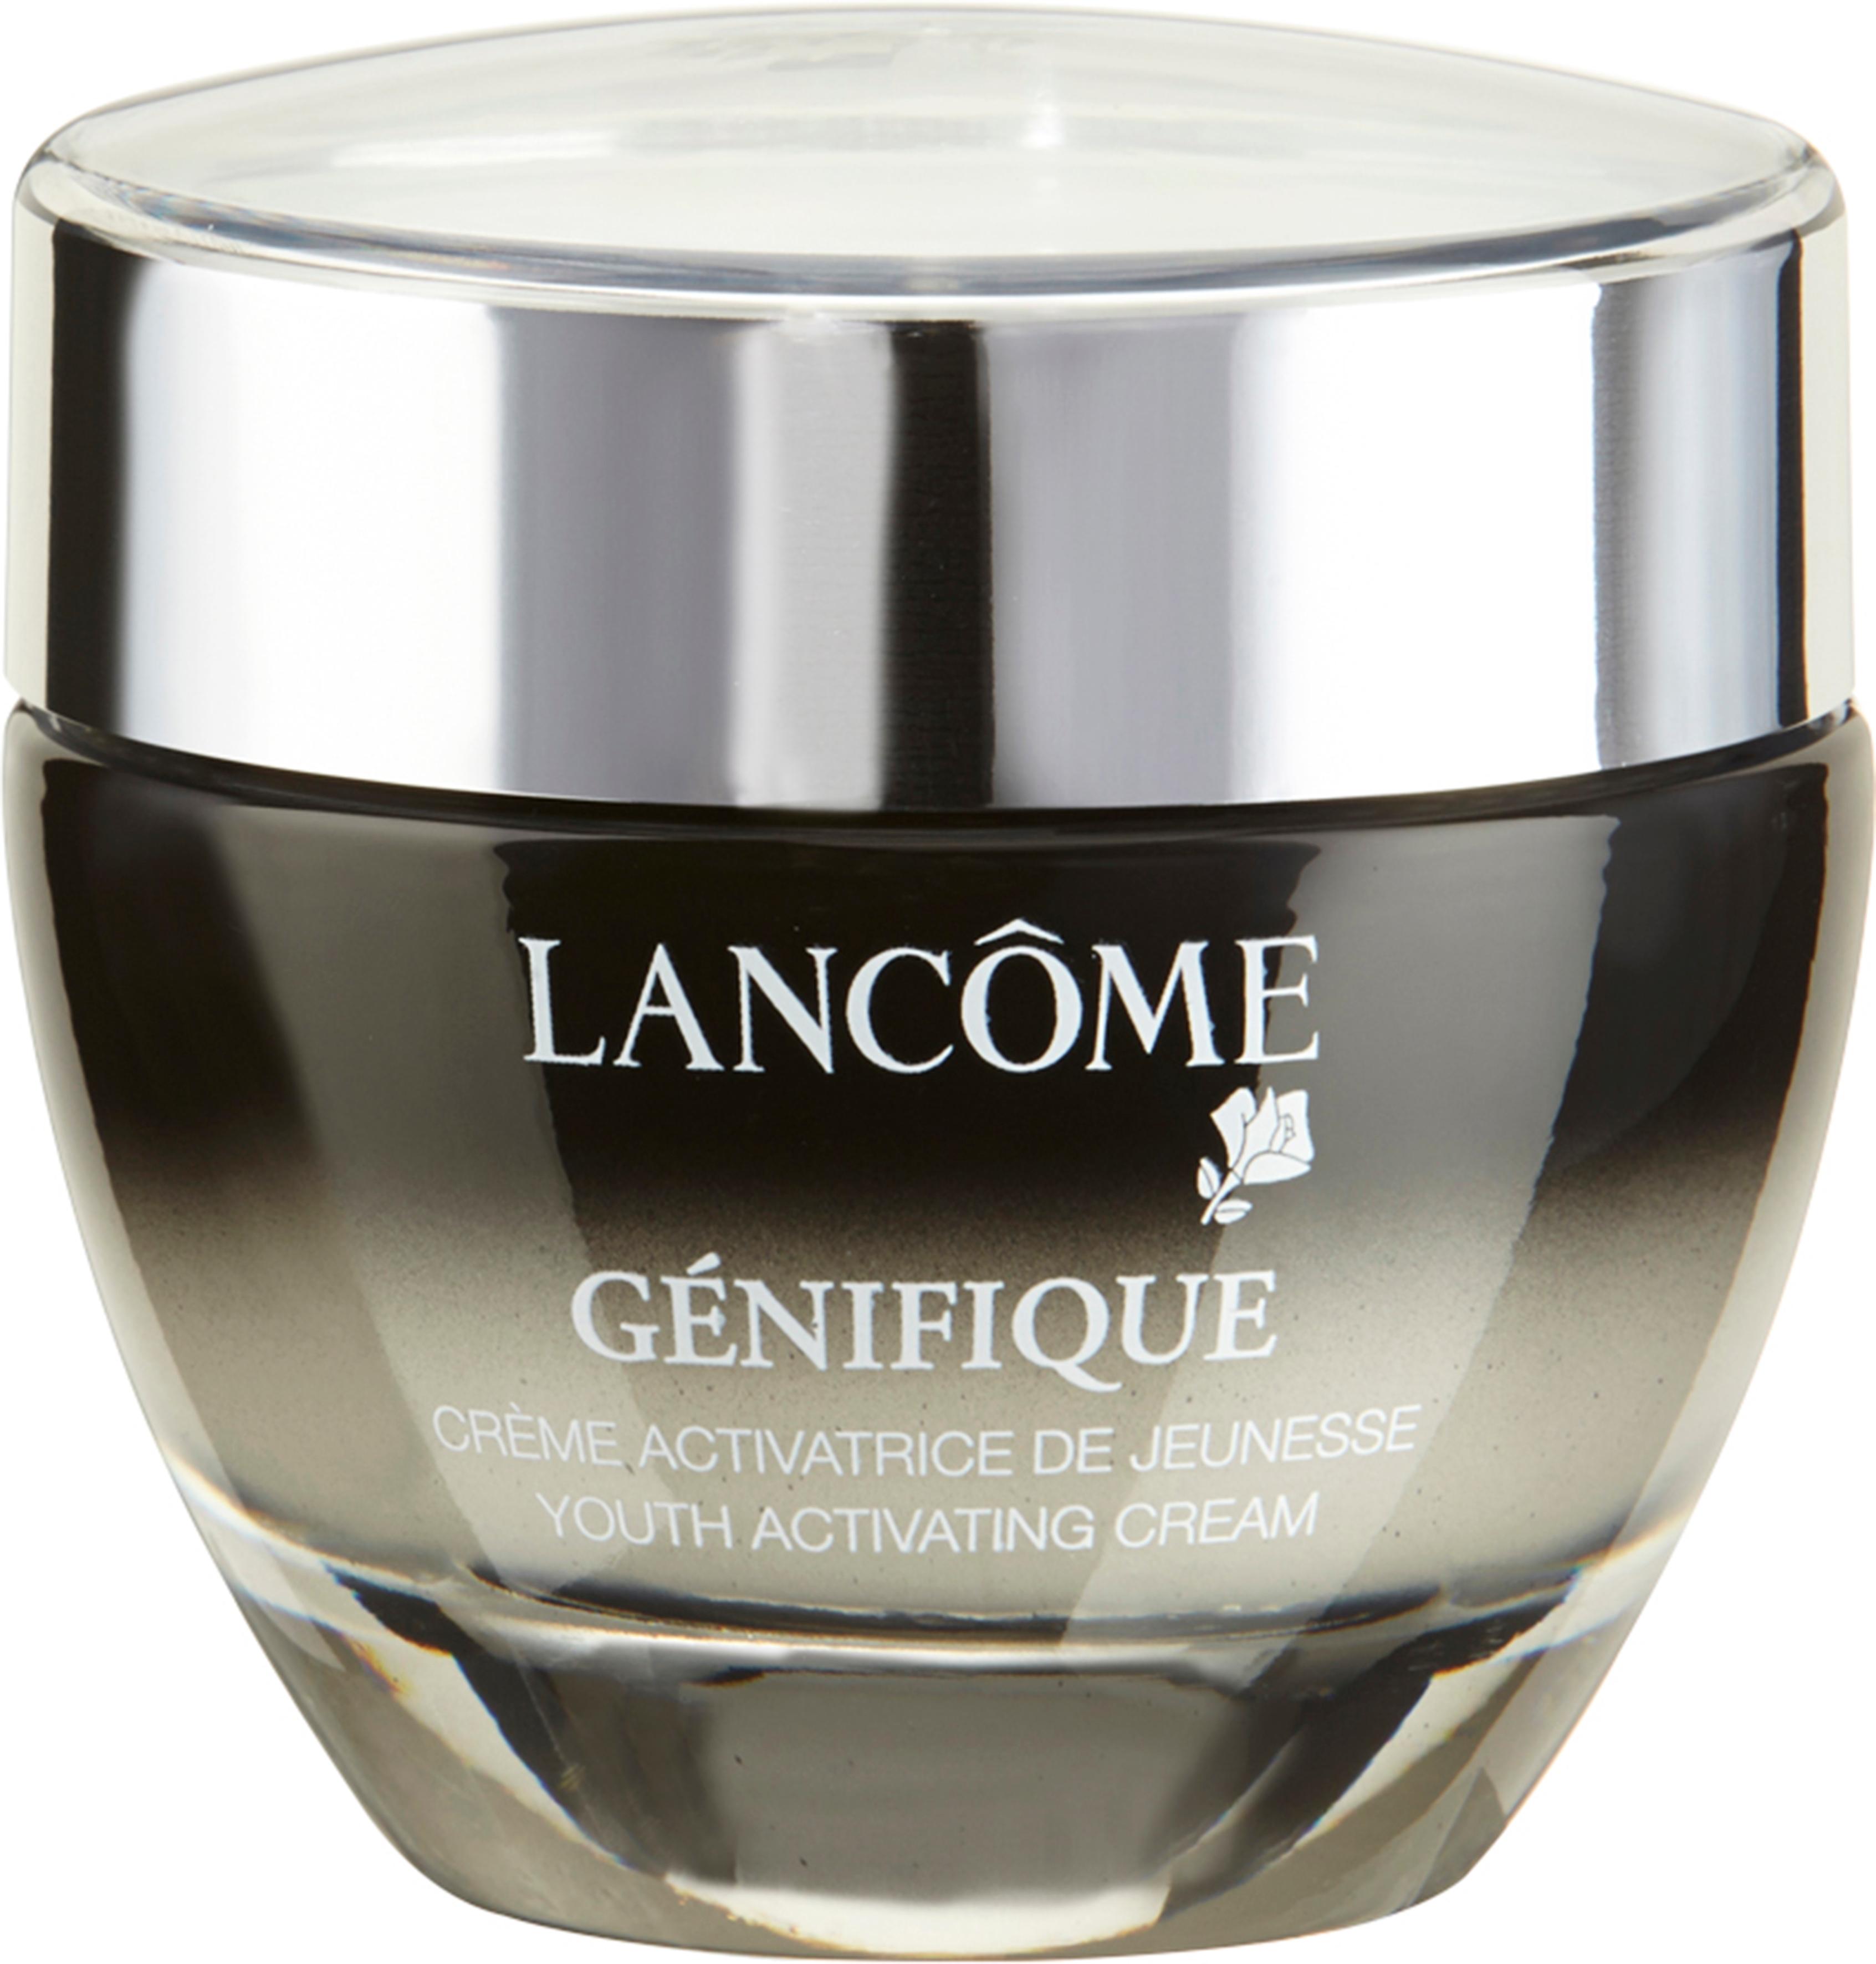 LANCOME dagcrème Génifique Crème Jour voordelig en veilig online kopen